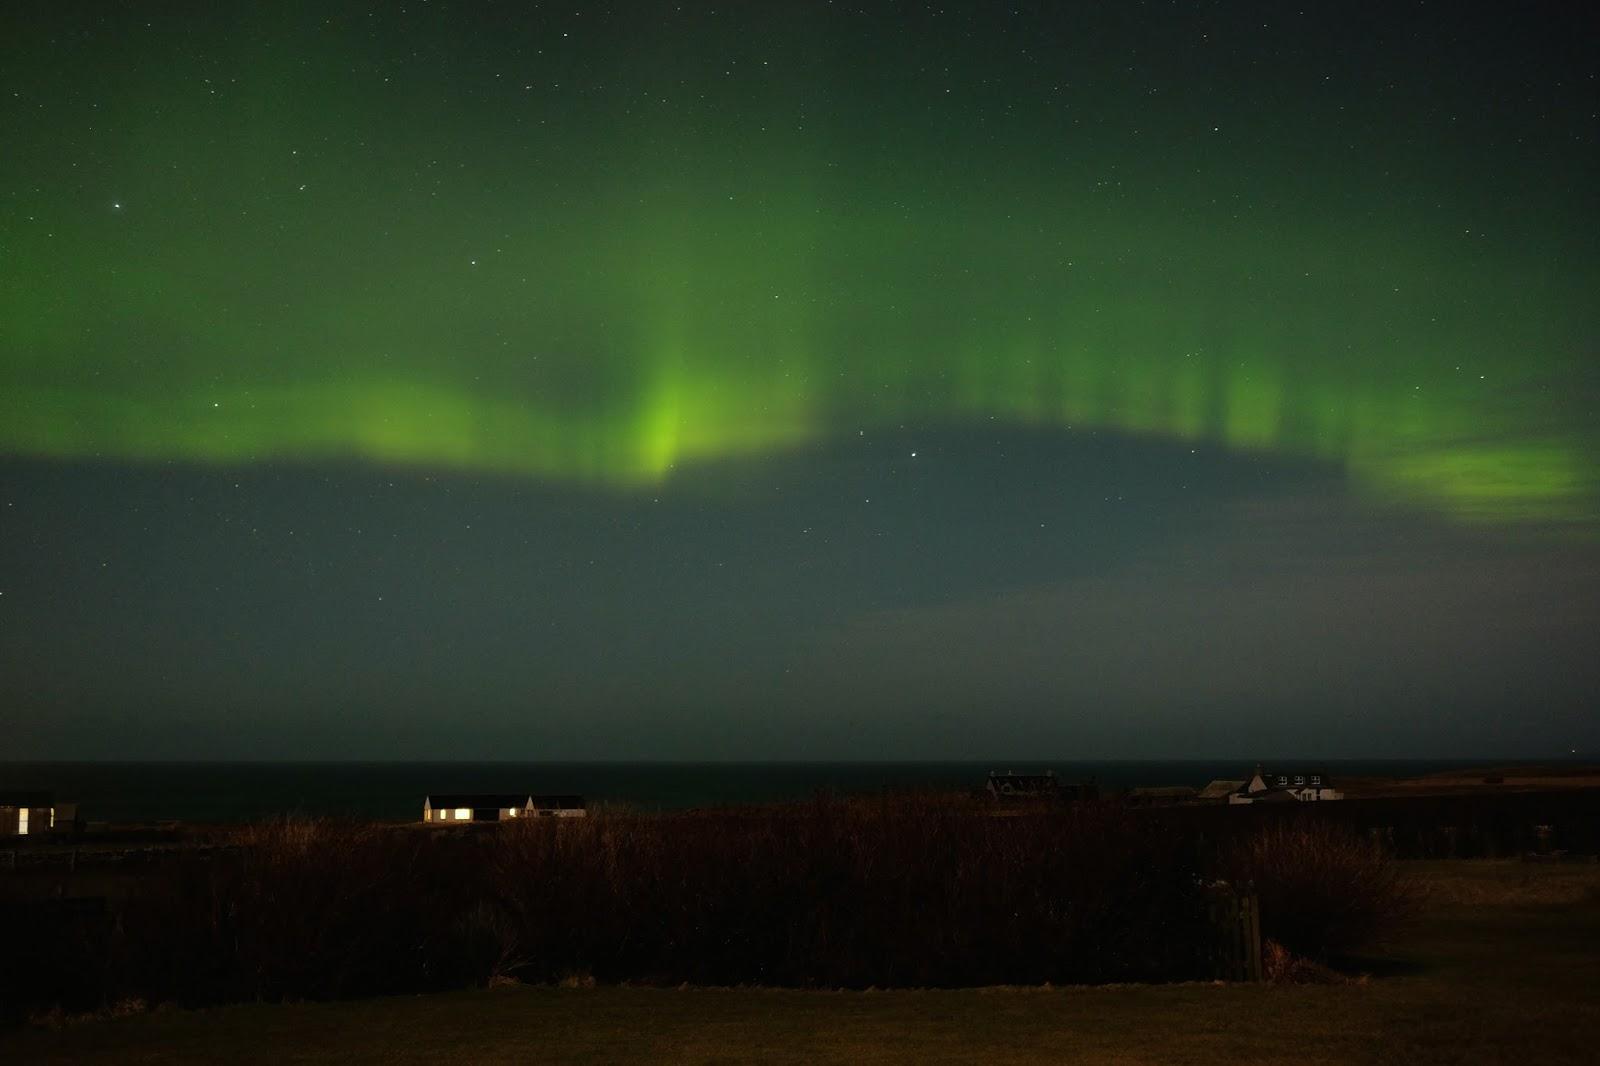 Zorza polarna sfotografowana w noc z 16 na 17.02.2016 r. (Credit: Gill Merriman, Wyspy Orkney, Szkocja)